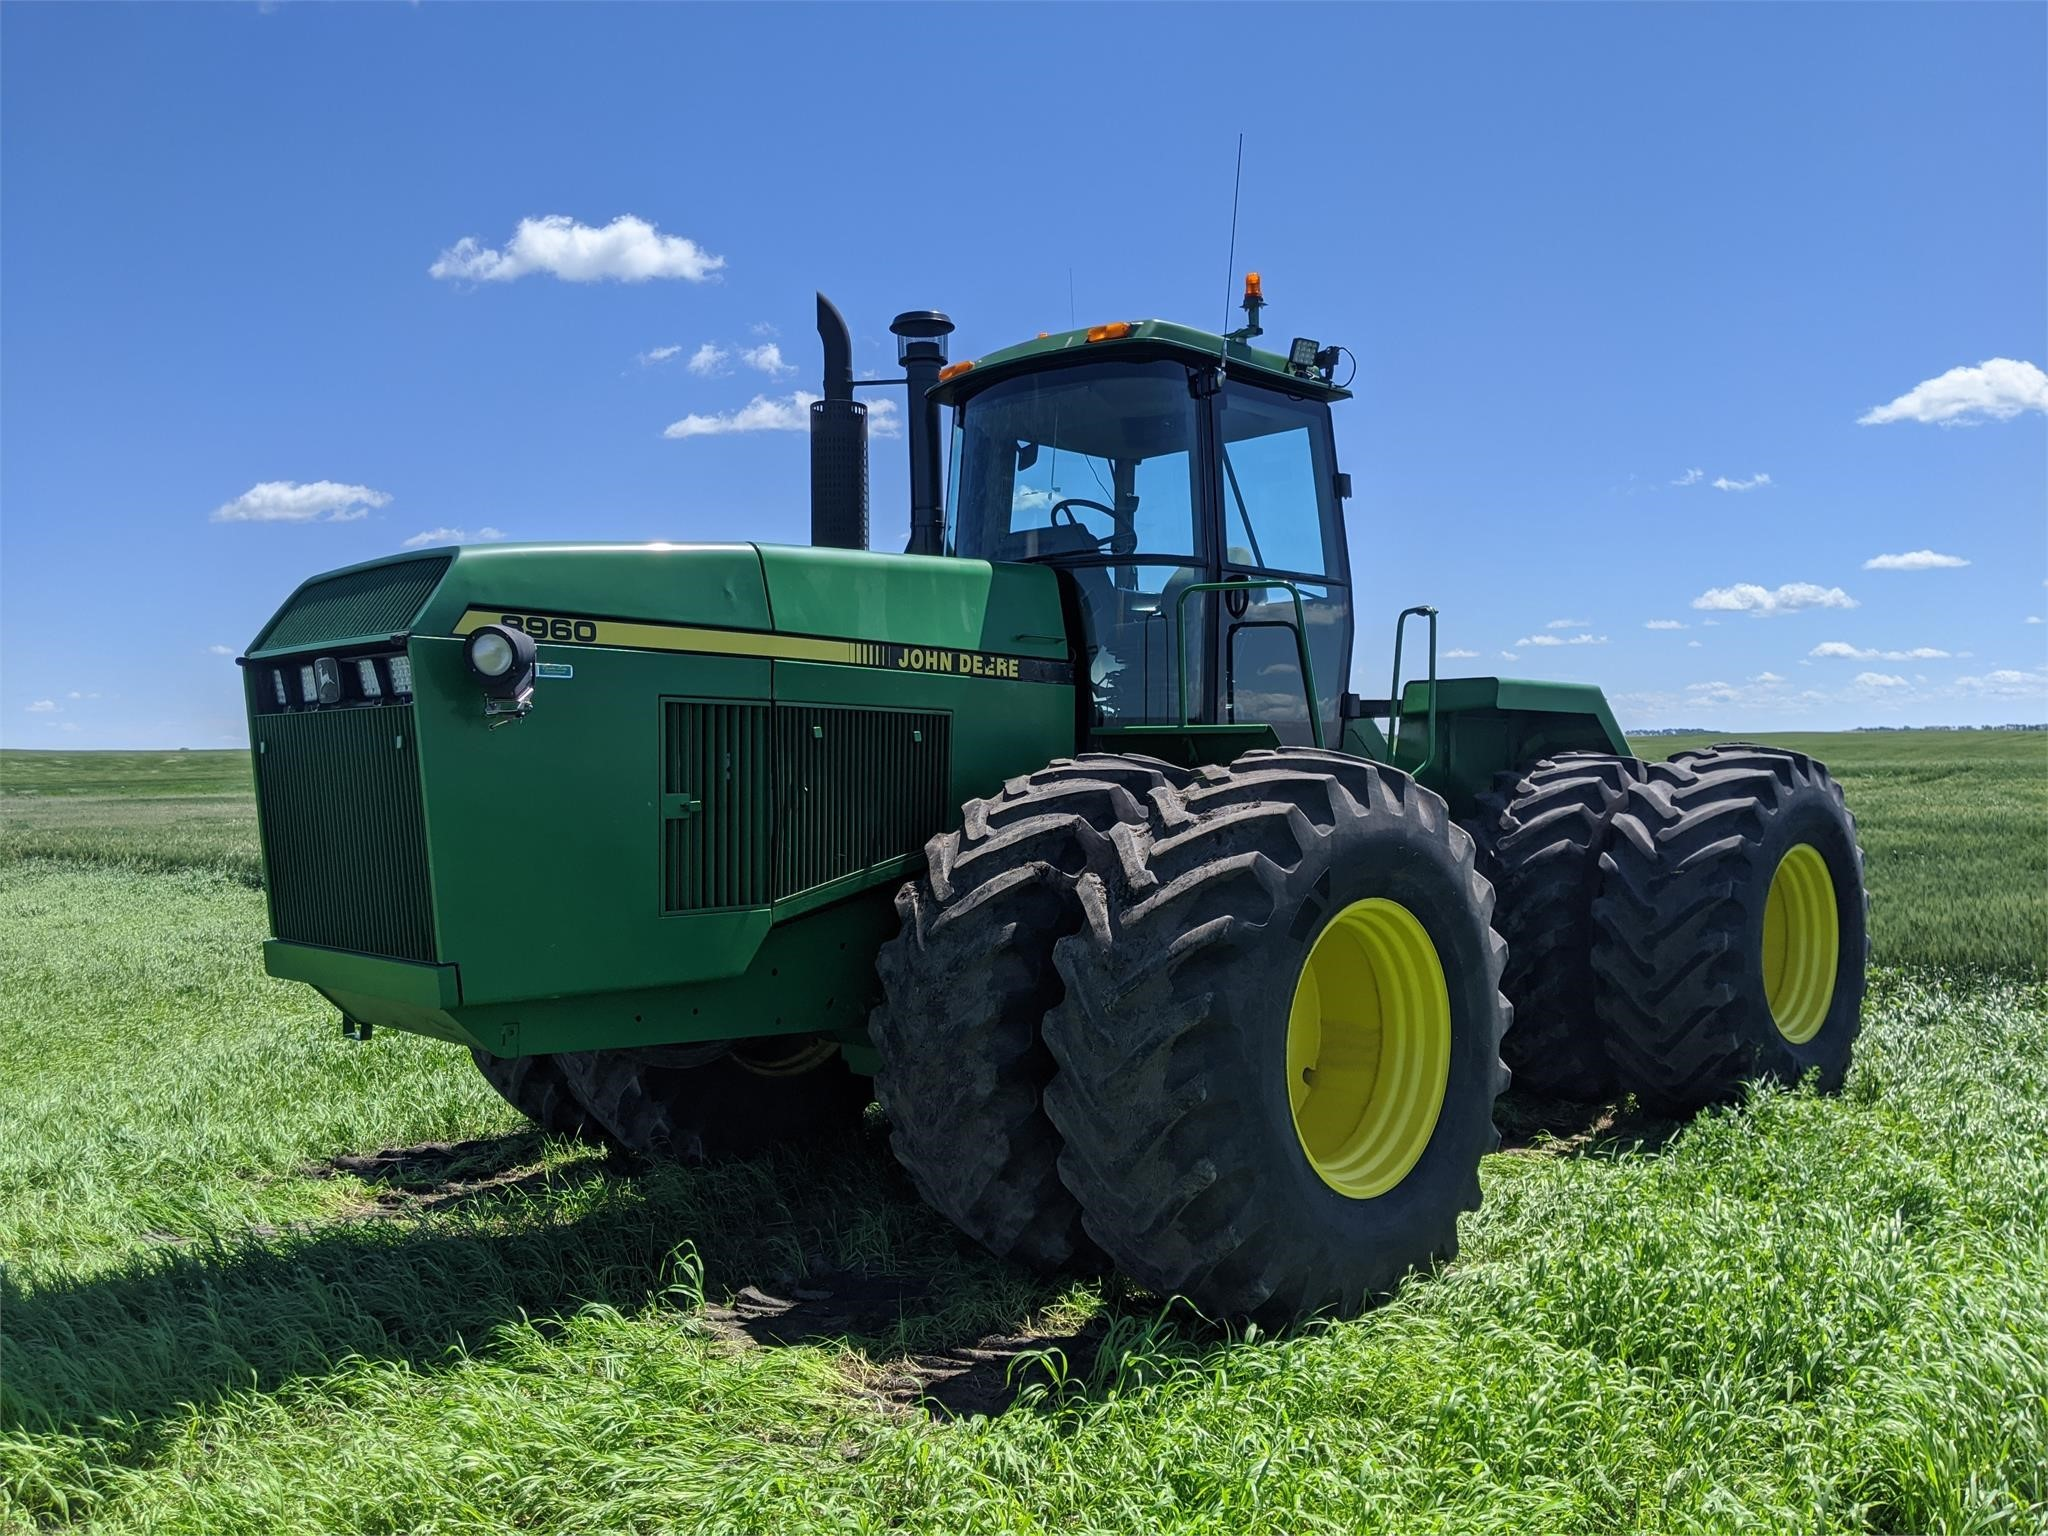 1989 John Deere 8960 Tractor